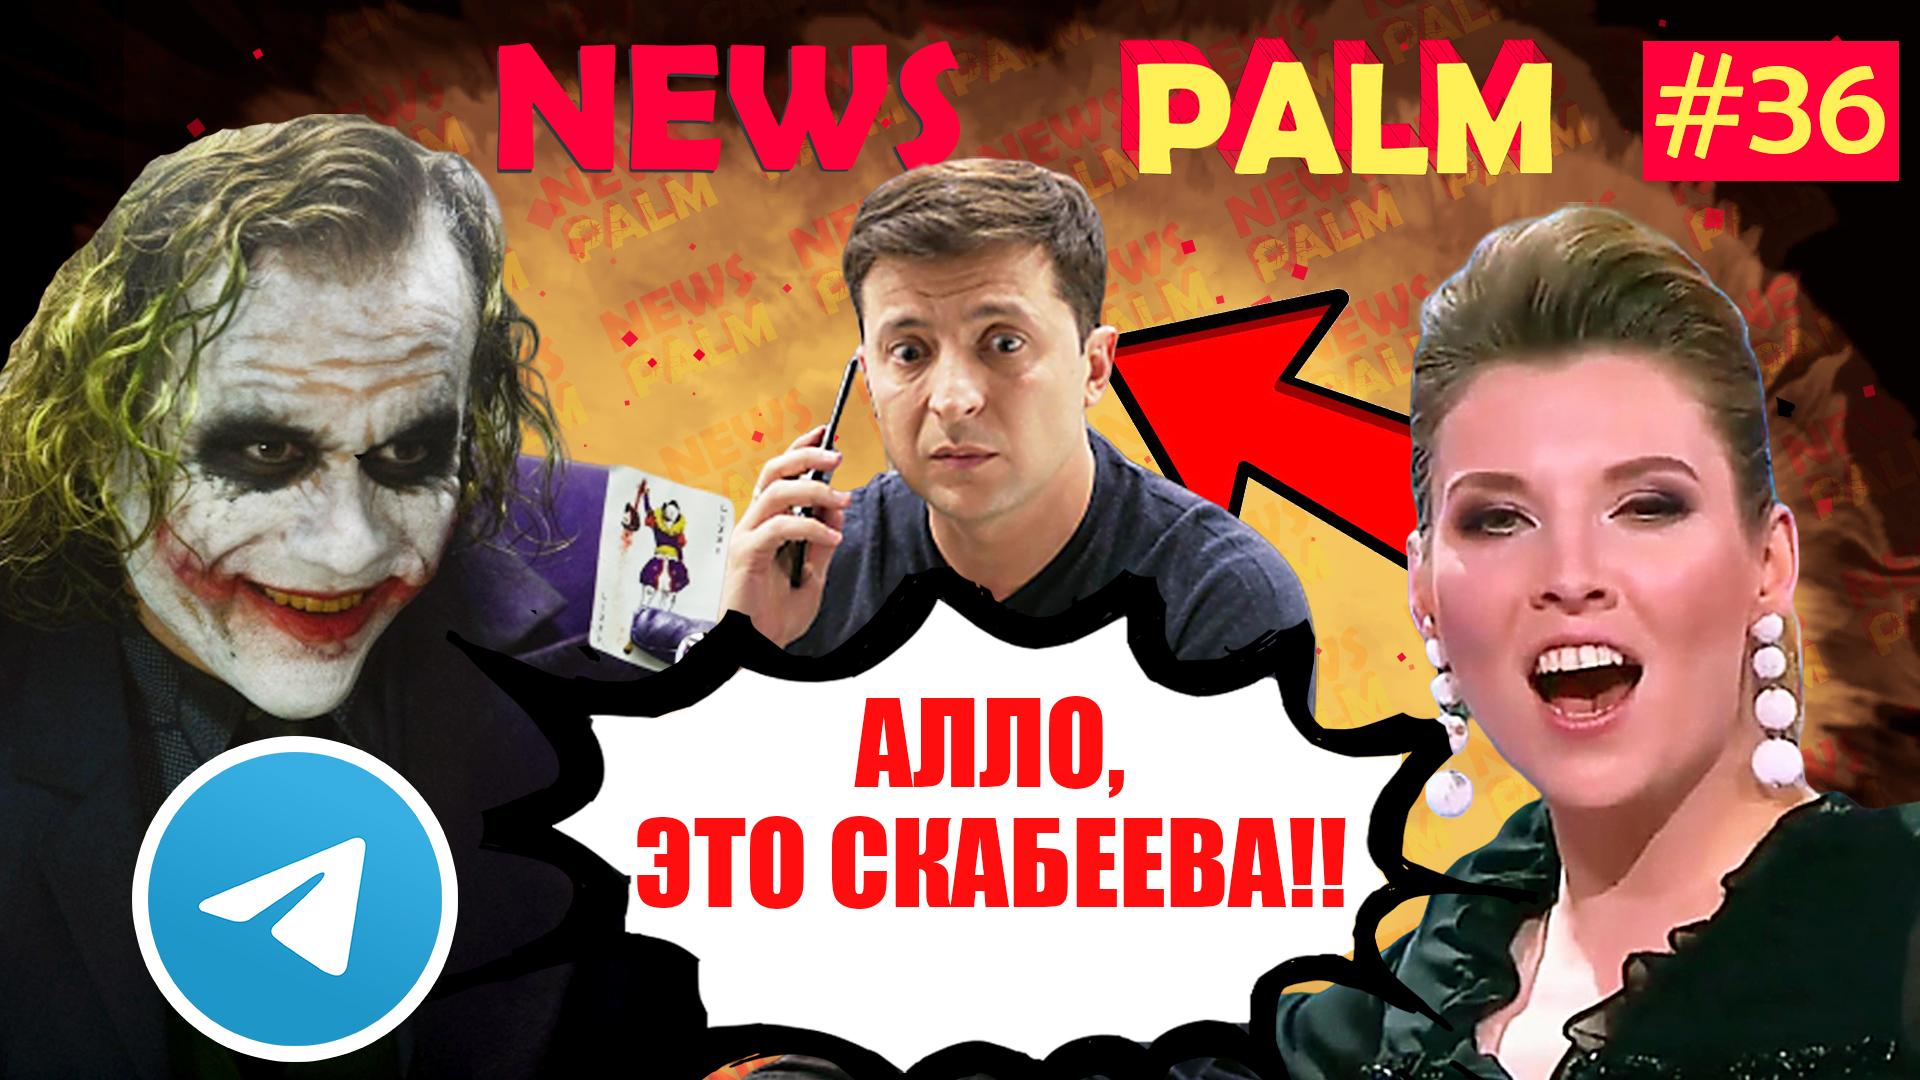 Зеленський розмовляє зі Скабєєвою, Джокер в ефірі NewsOne, Шустер нахвалює Зеленського / Ньюспалм#36